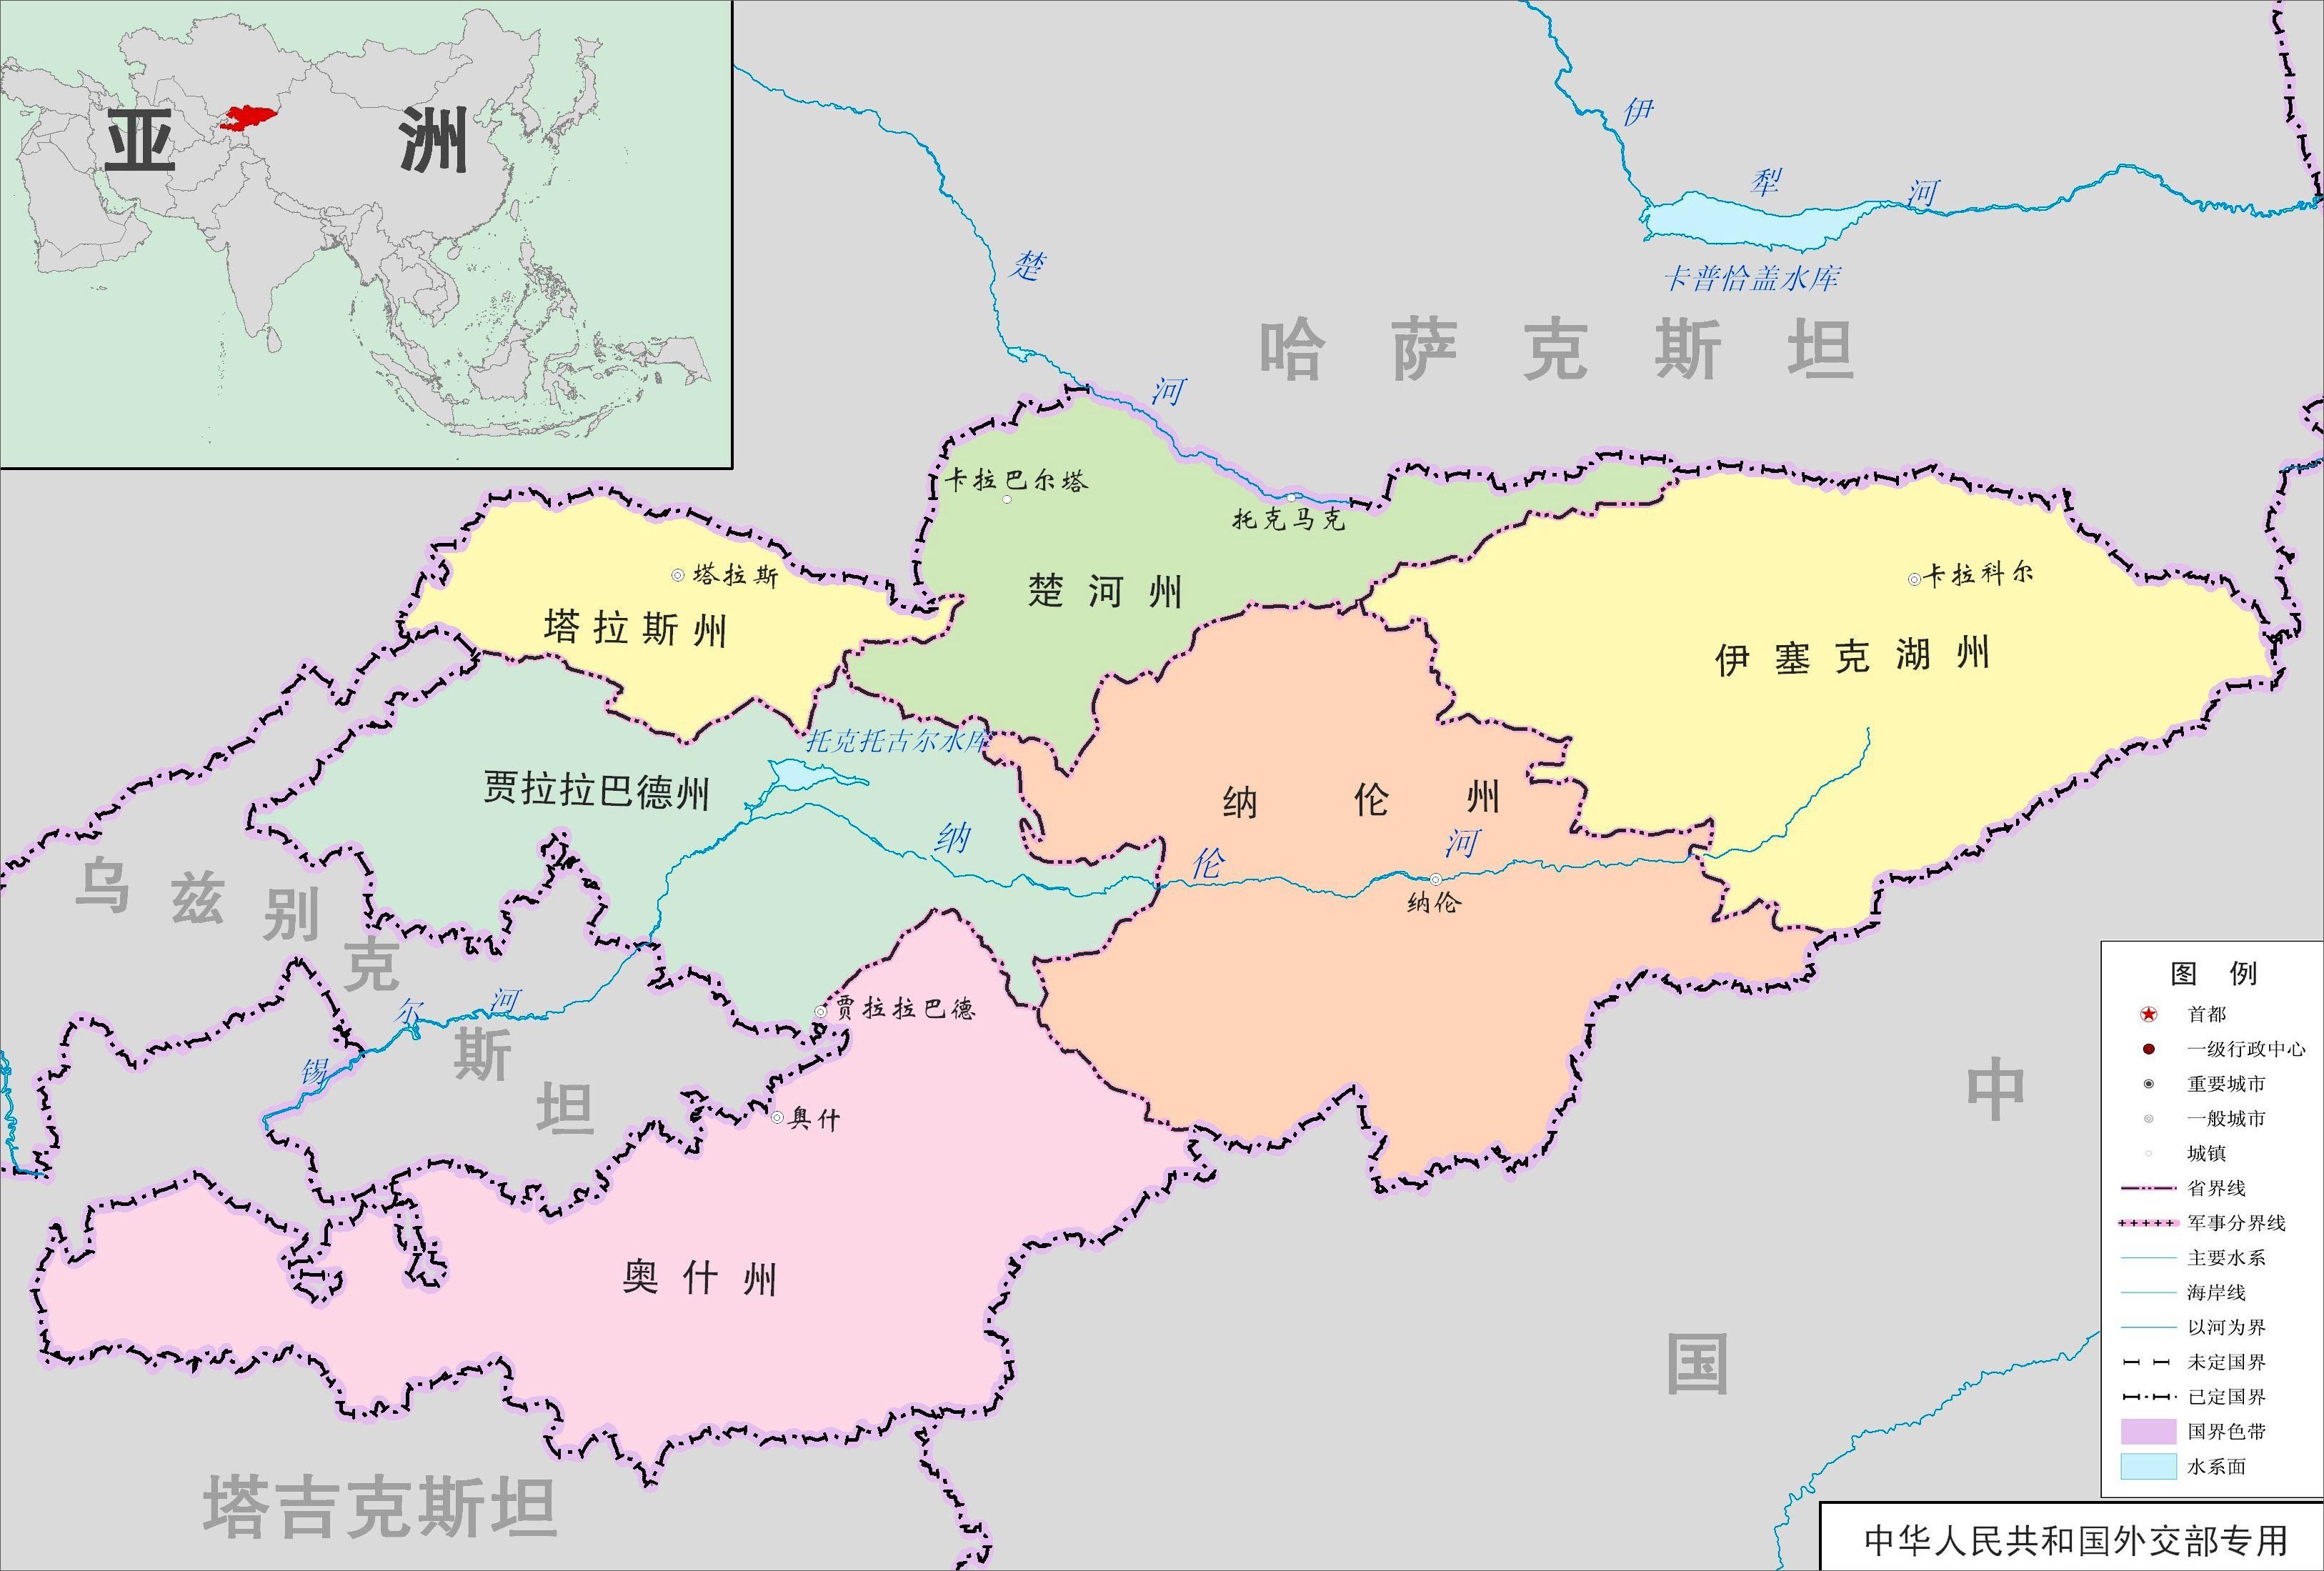 碎叶,吉尔吉斯领土都在唐朝版图上.-苏联解体出一国,李白的故乡